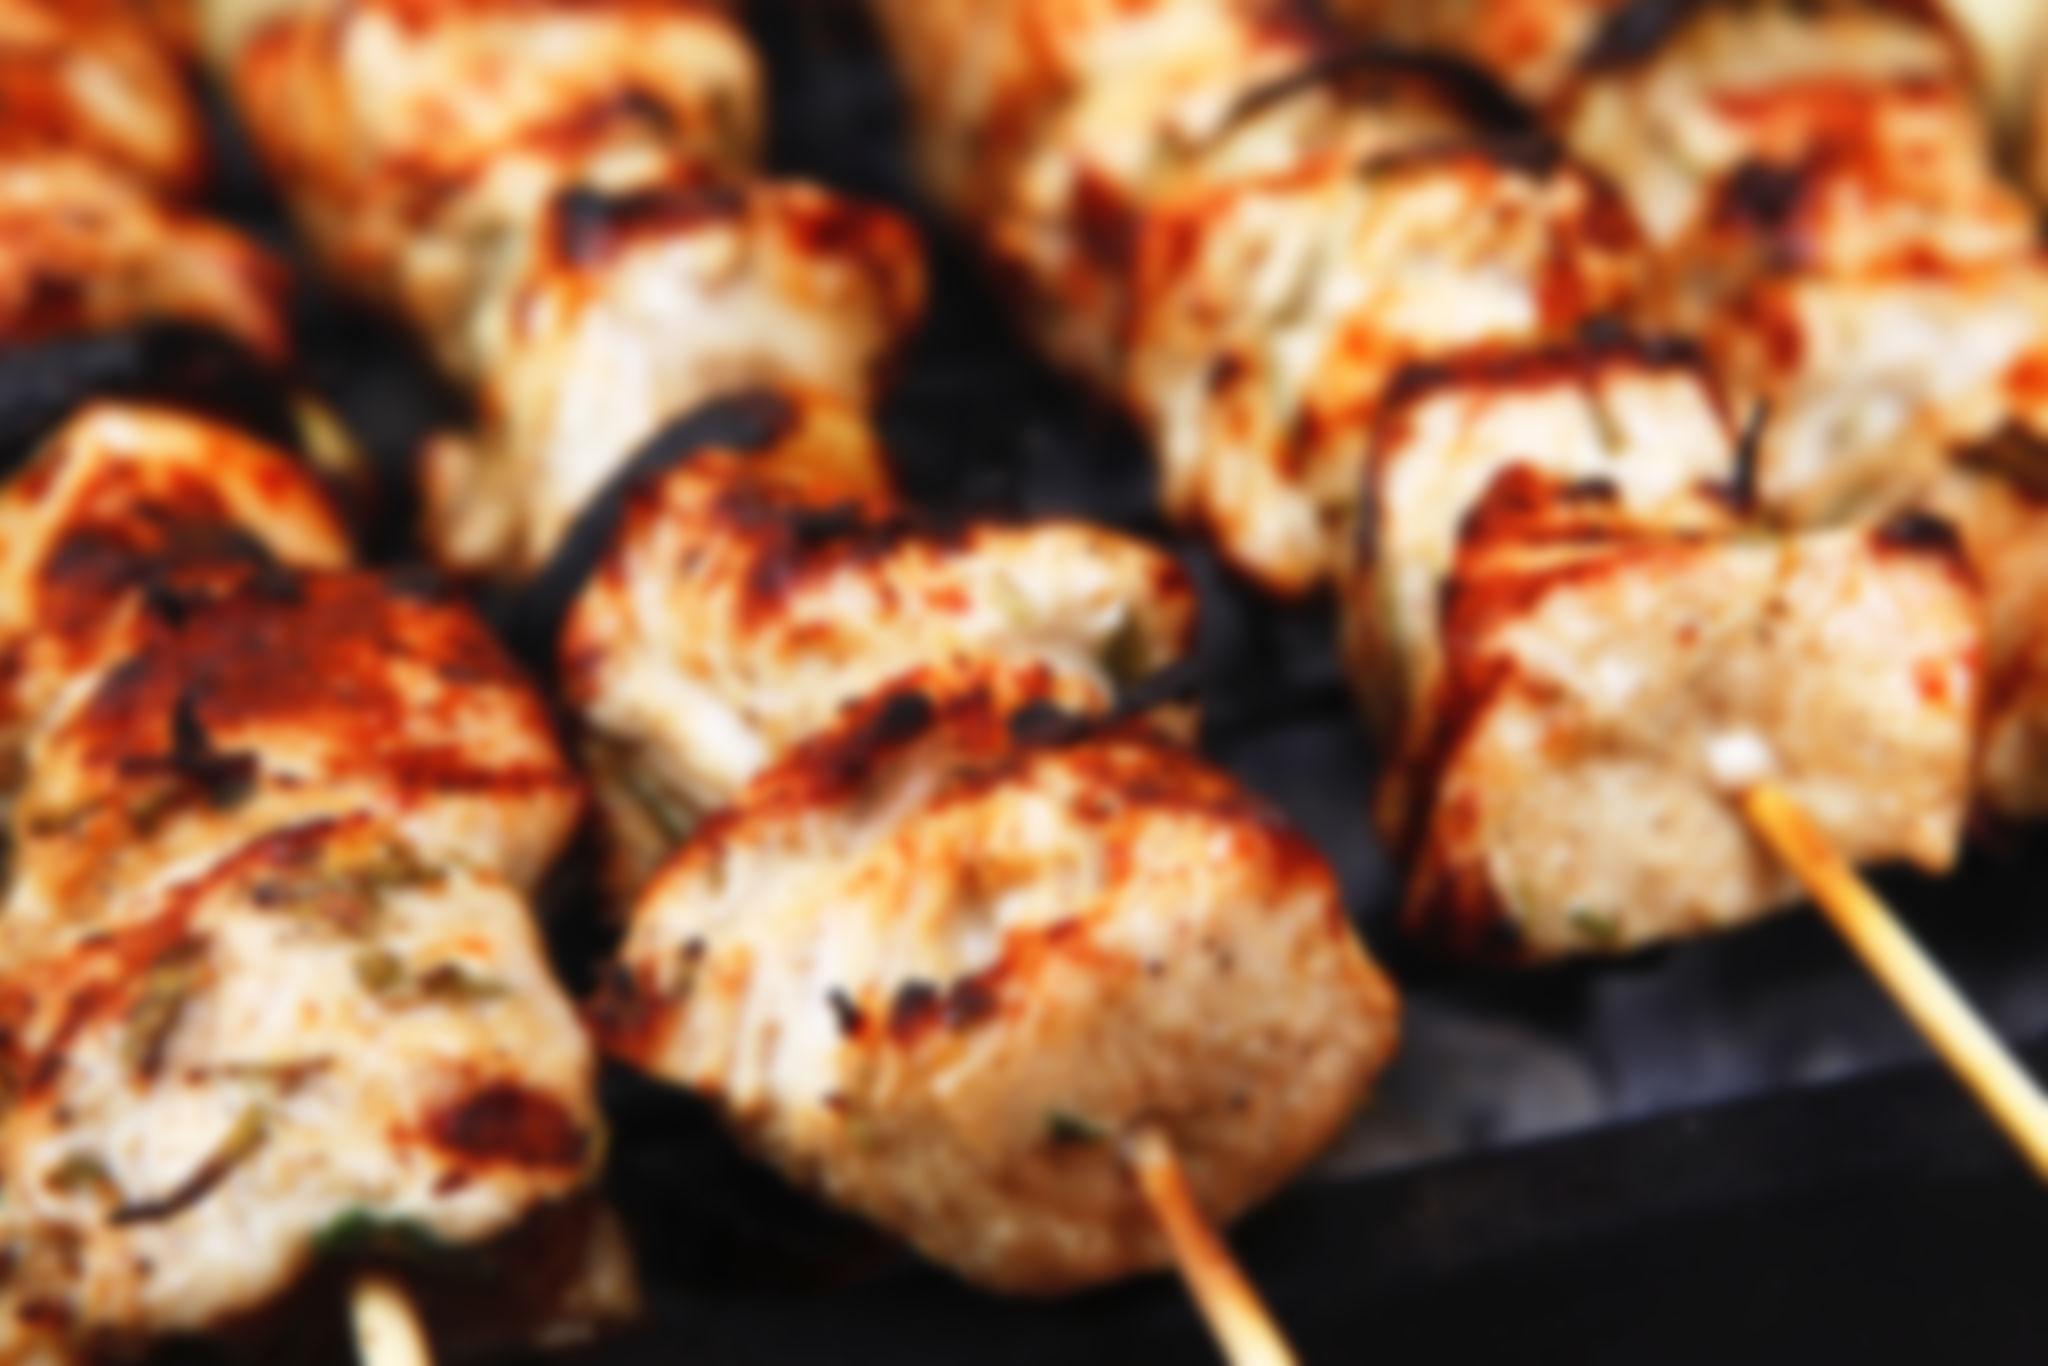 Шашлык из свинины и самый вкусный маринад, чтобы мясо было мягким